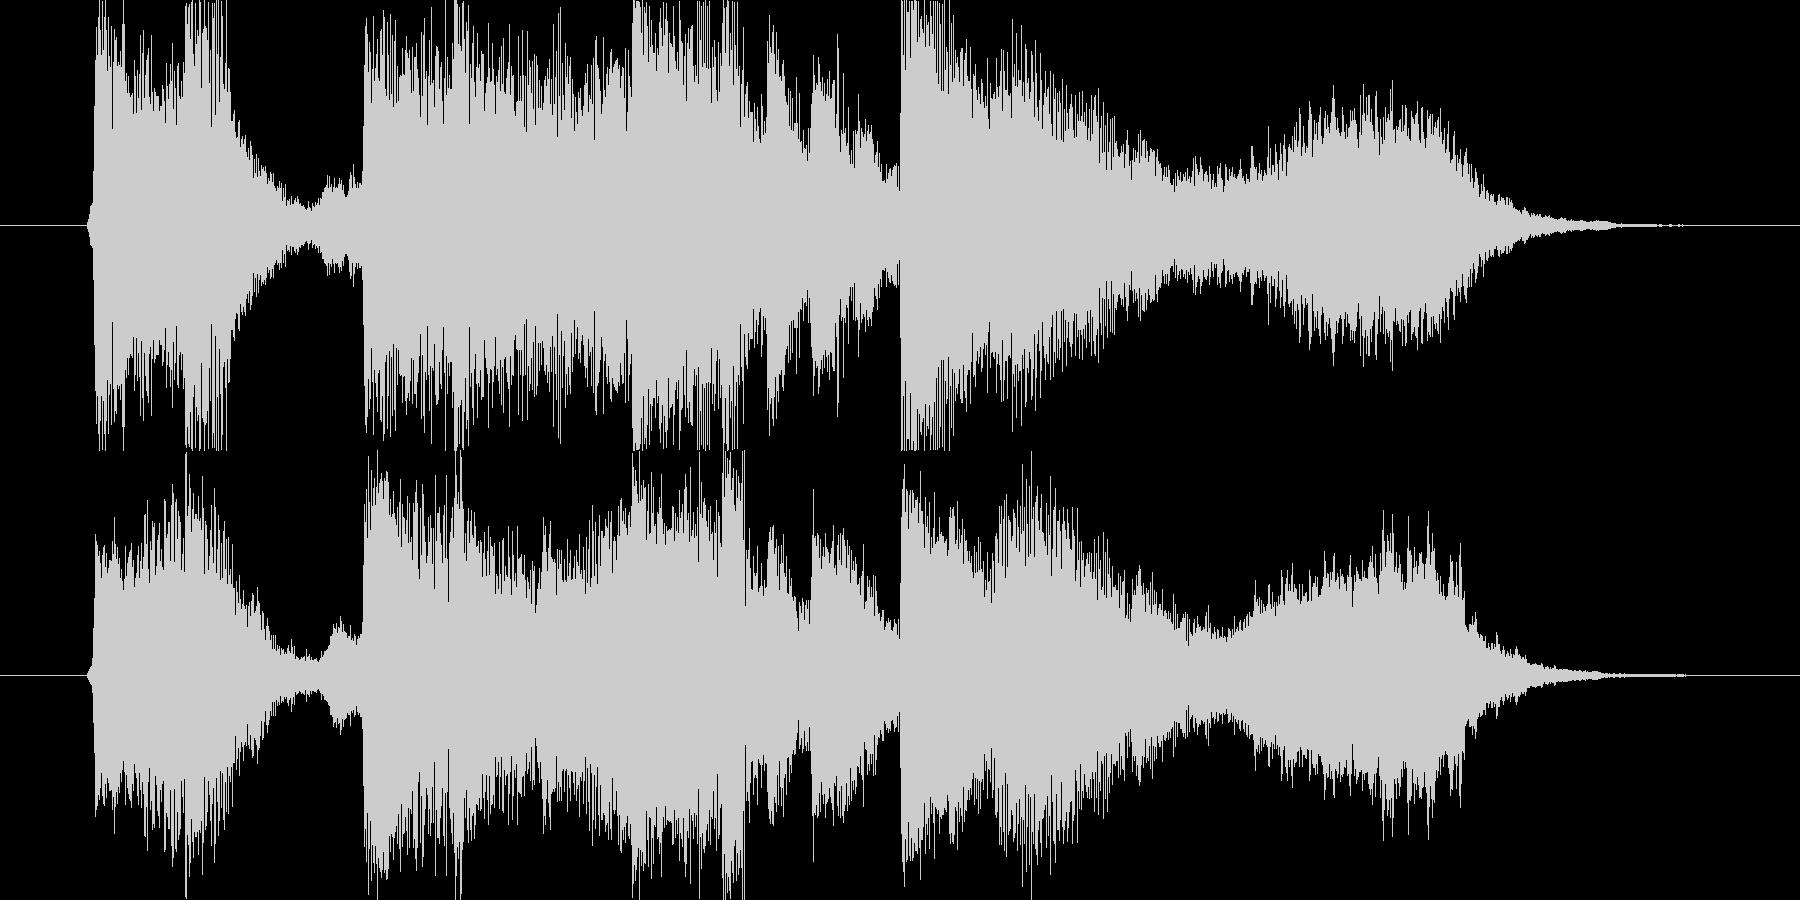 ピアノ、ストリングスの爽やかなジングルの未再生の波形